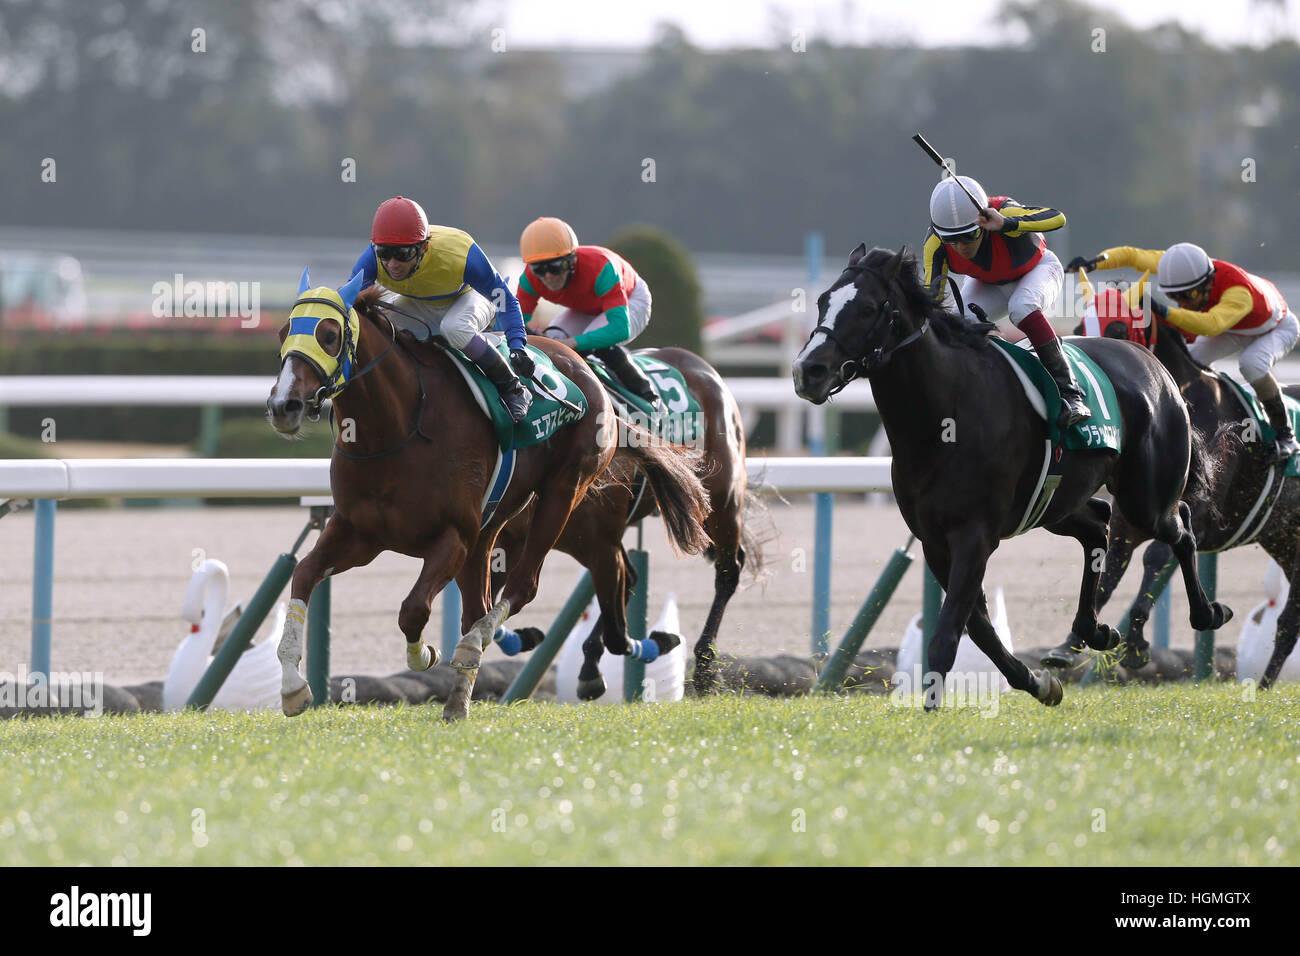 (L-R) Air Spinel (Yutaka Take), Meiner Honey (Daichi Shibata), Black Spinel (Yuichi Fukunaga), Kento O (Ryuji Wada), Stock Photo